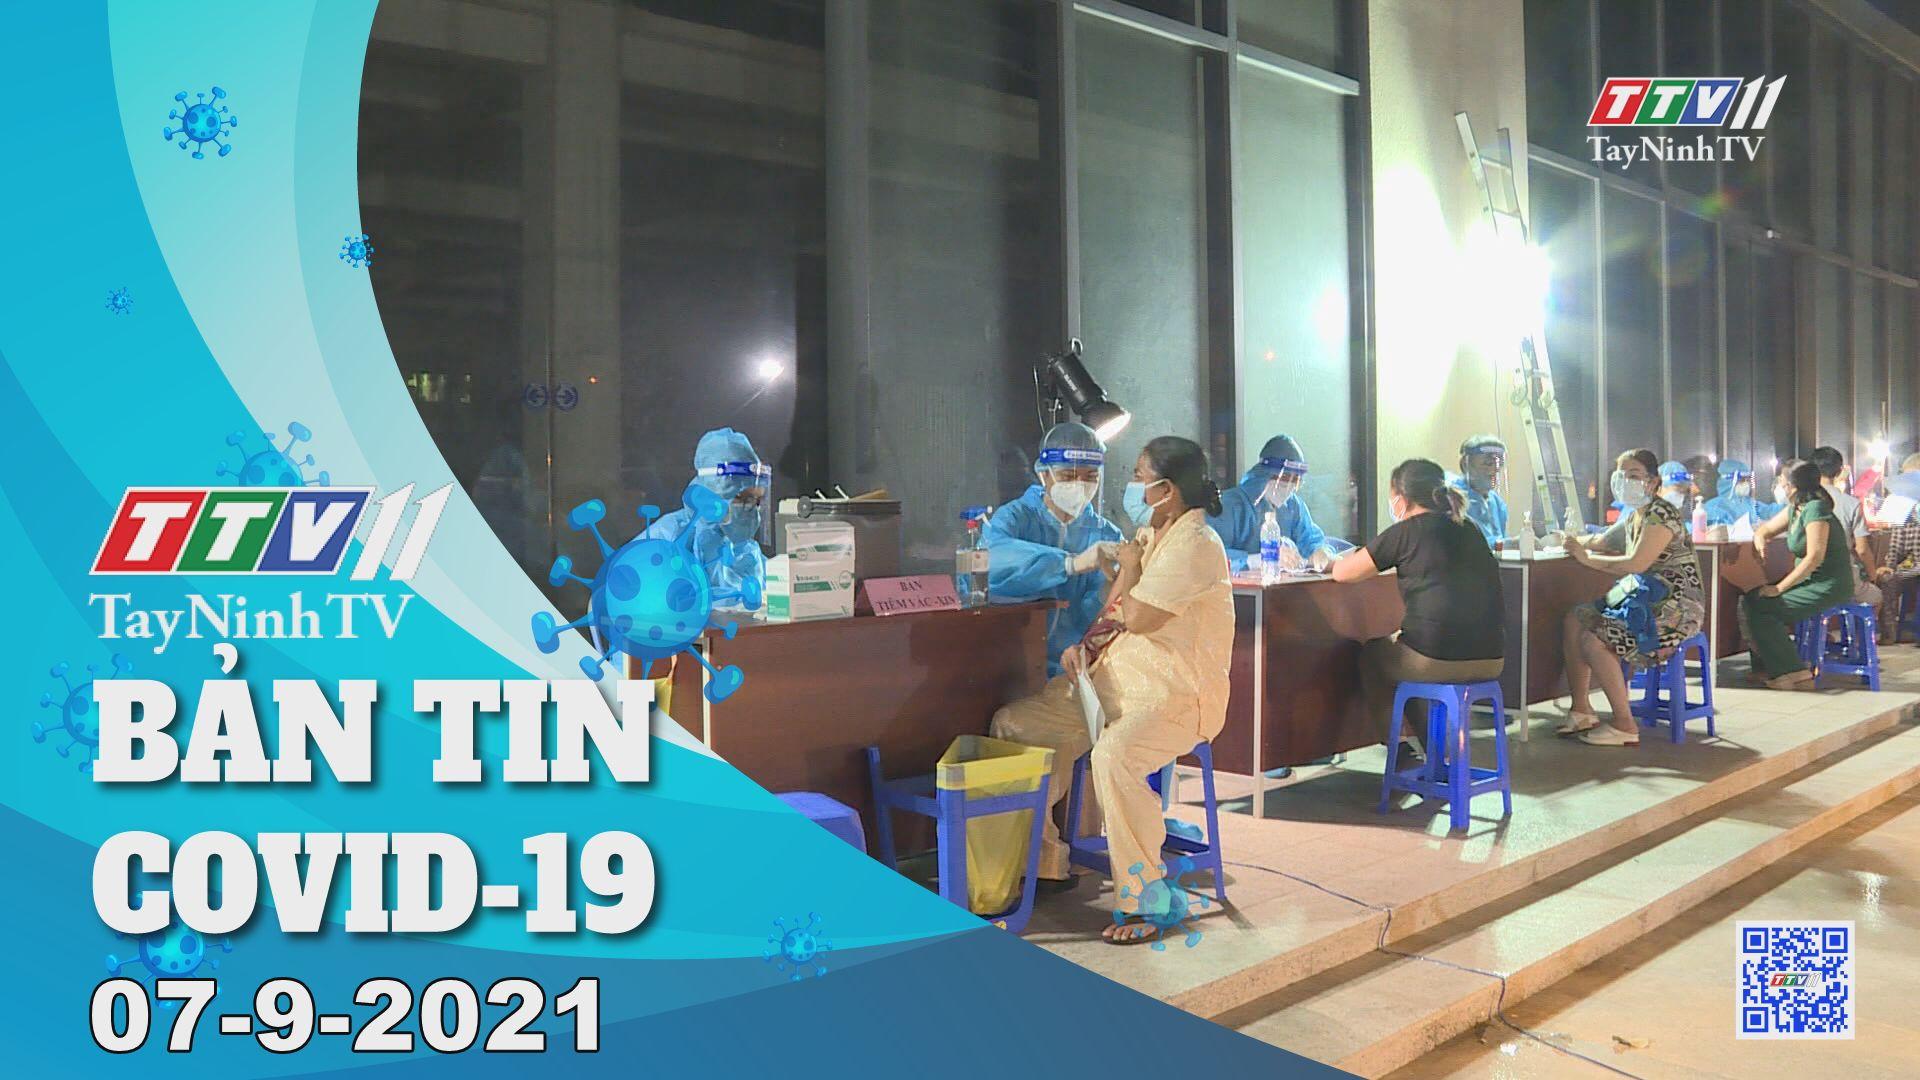 Bản tin Covid-19 | Tin tức hôm nay 07-9-2021 | TâyNinhTV